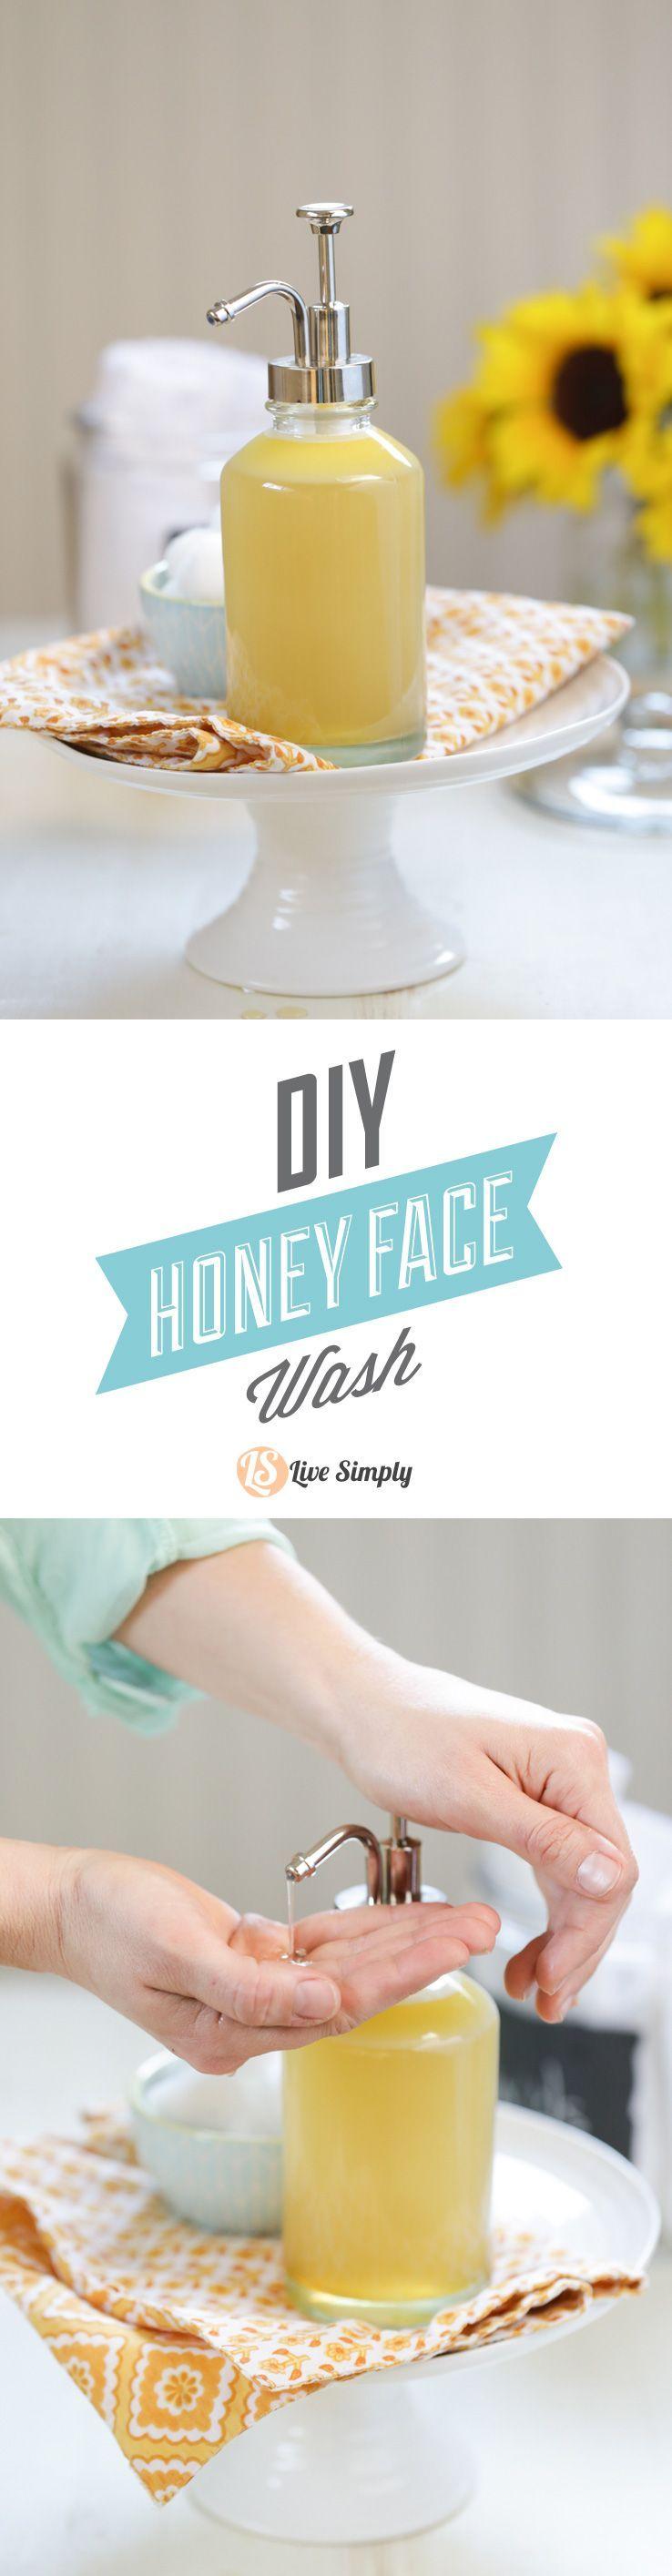 DIY Homemade Honey Face Wash – Live Simply